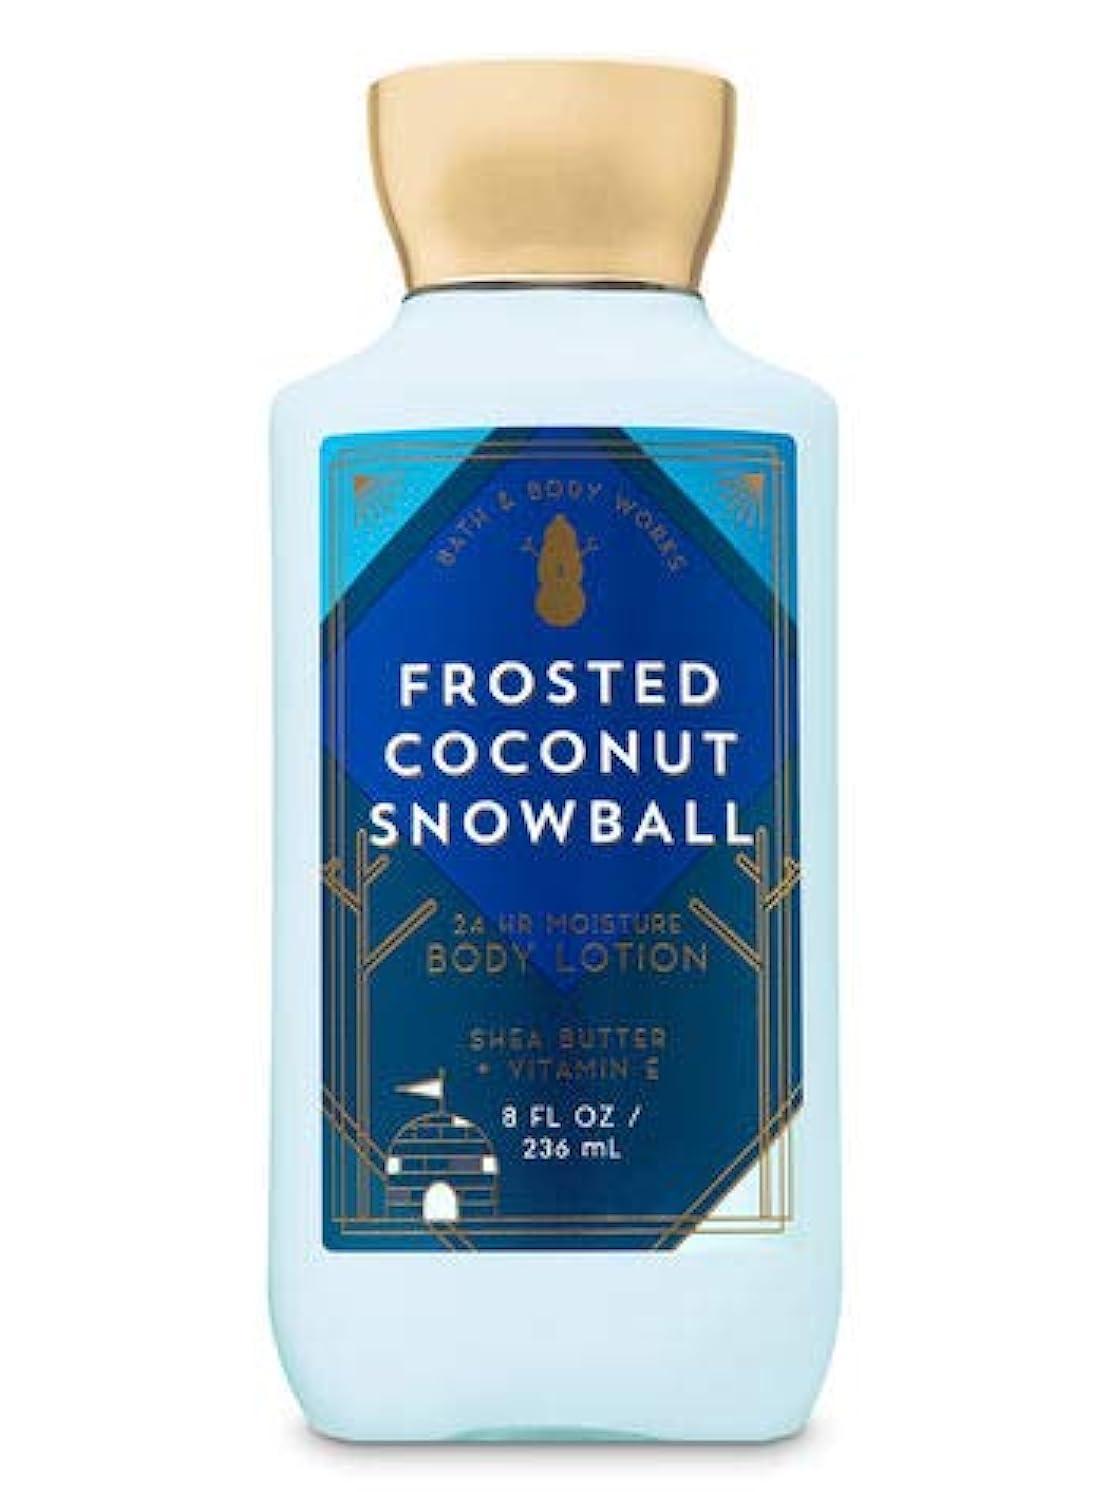 早熟品揃え草【Bath&Body Works/バス&ボディワークス】 ボディローション フロステッドココナッツスノーボール Super Smooth Body Lotion Frosted Coconut Snowball 8 fl oz / 236 mL [並行輸入品]